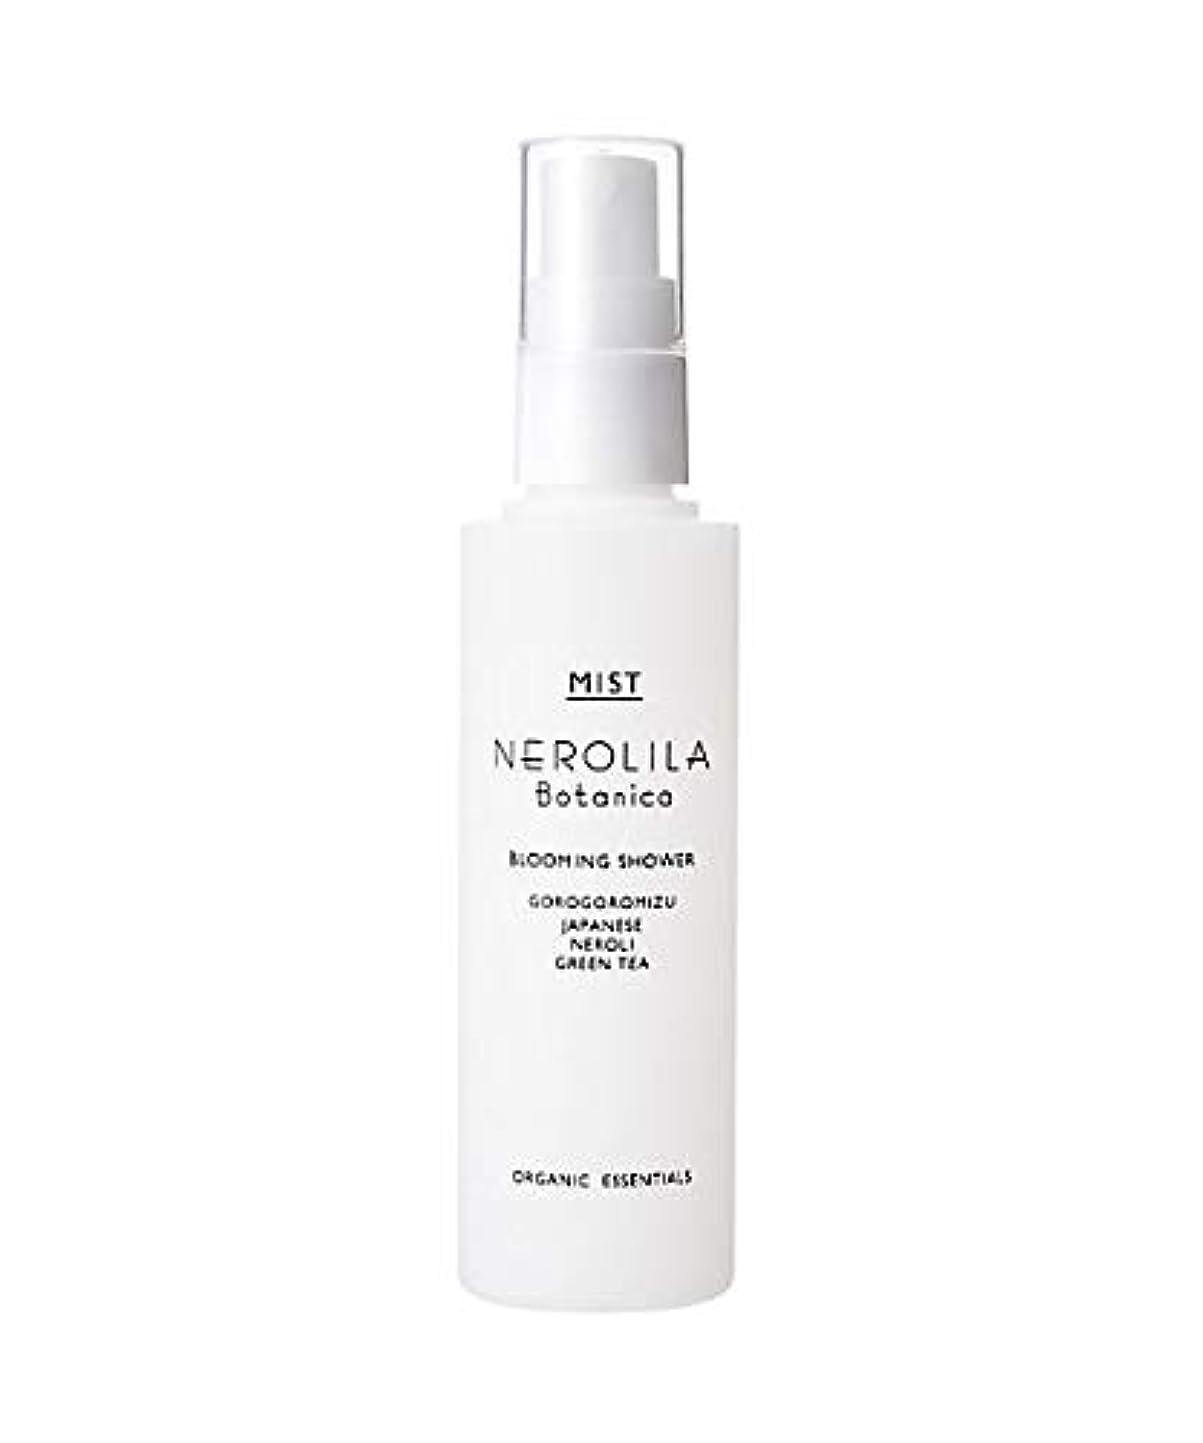 物質に関してミュウミュウNEROLILA Botanica(ネロリラ ボタニカ)全身化粧水NR_100mL/化粧水